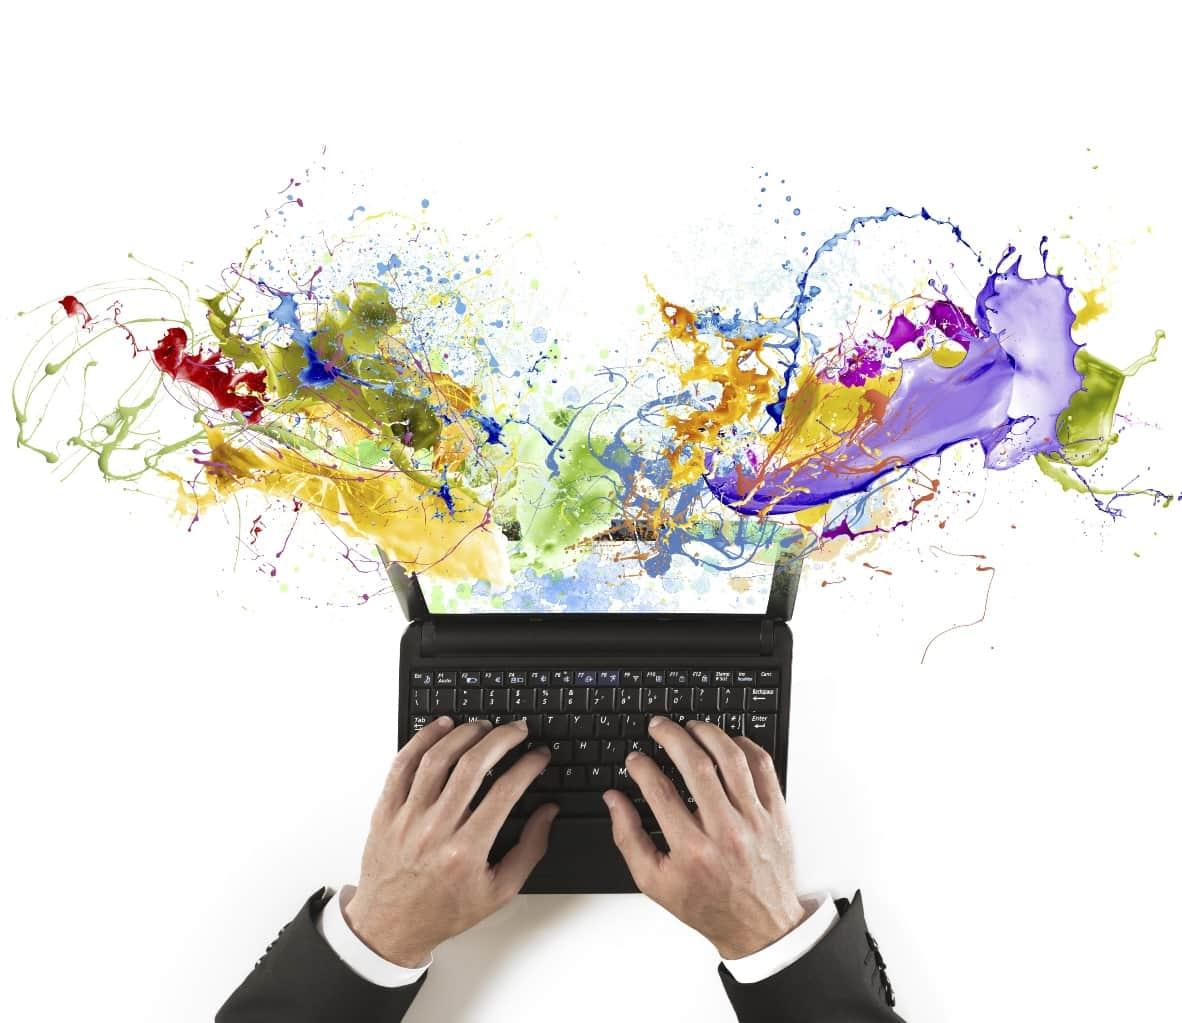 ¿Qué aporta un contenido único y creativo a tu negocio?